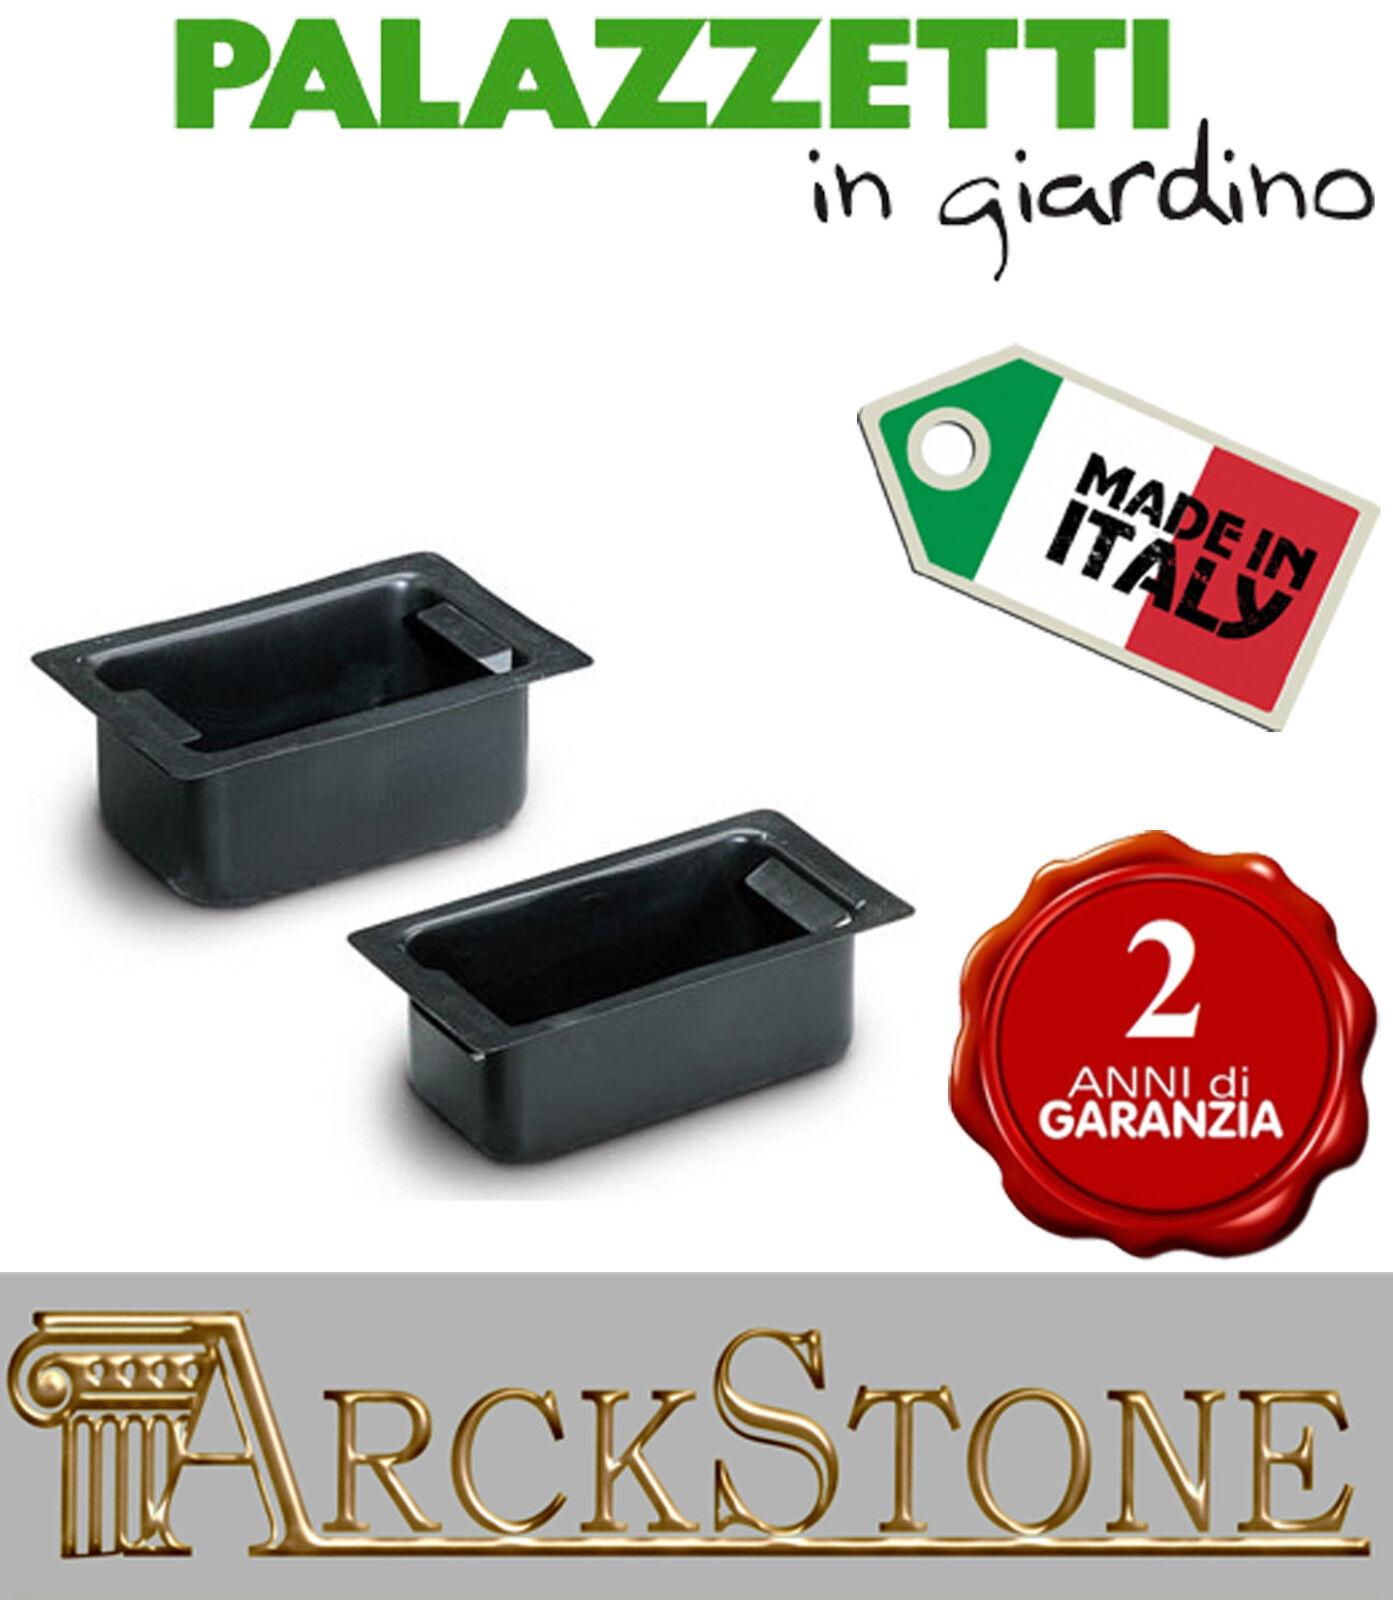 Cassetto Cenere per Palex Azienda Palazzetti in Giardino 30x16 30x22 34x27 cm